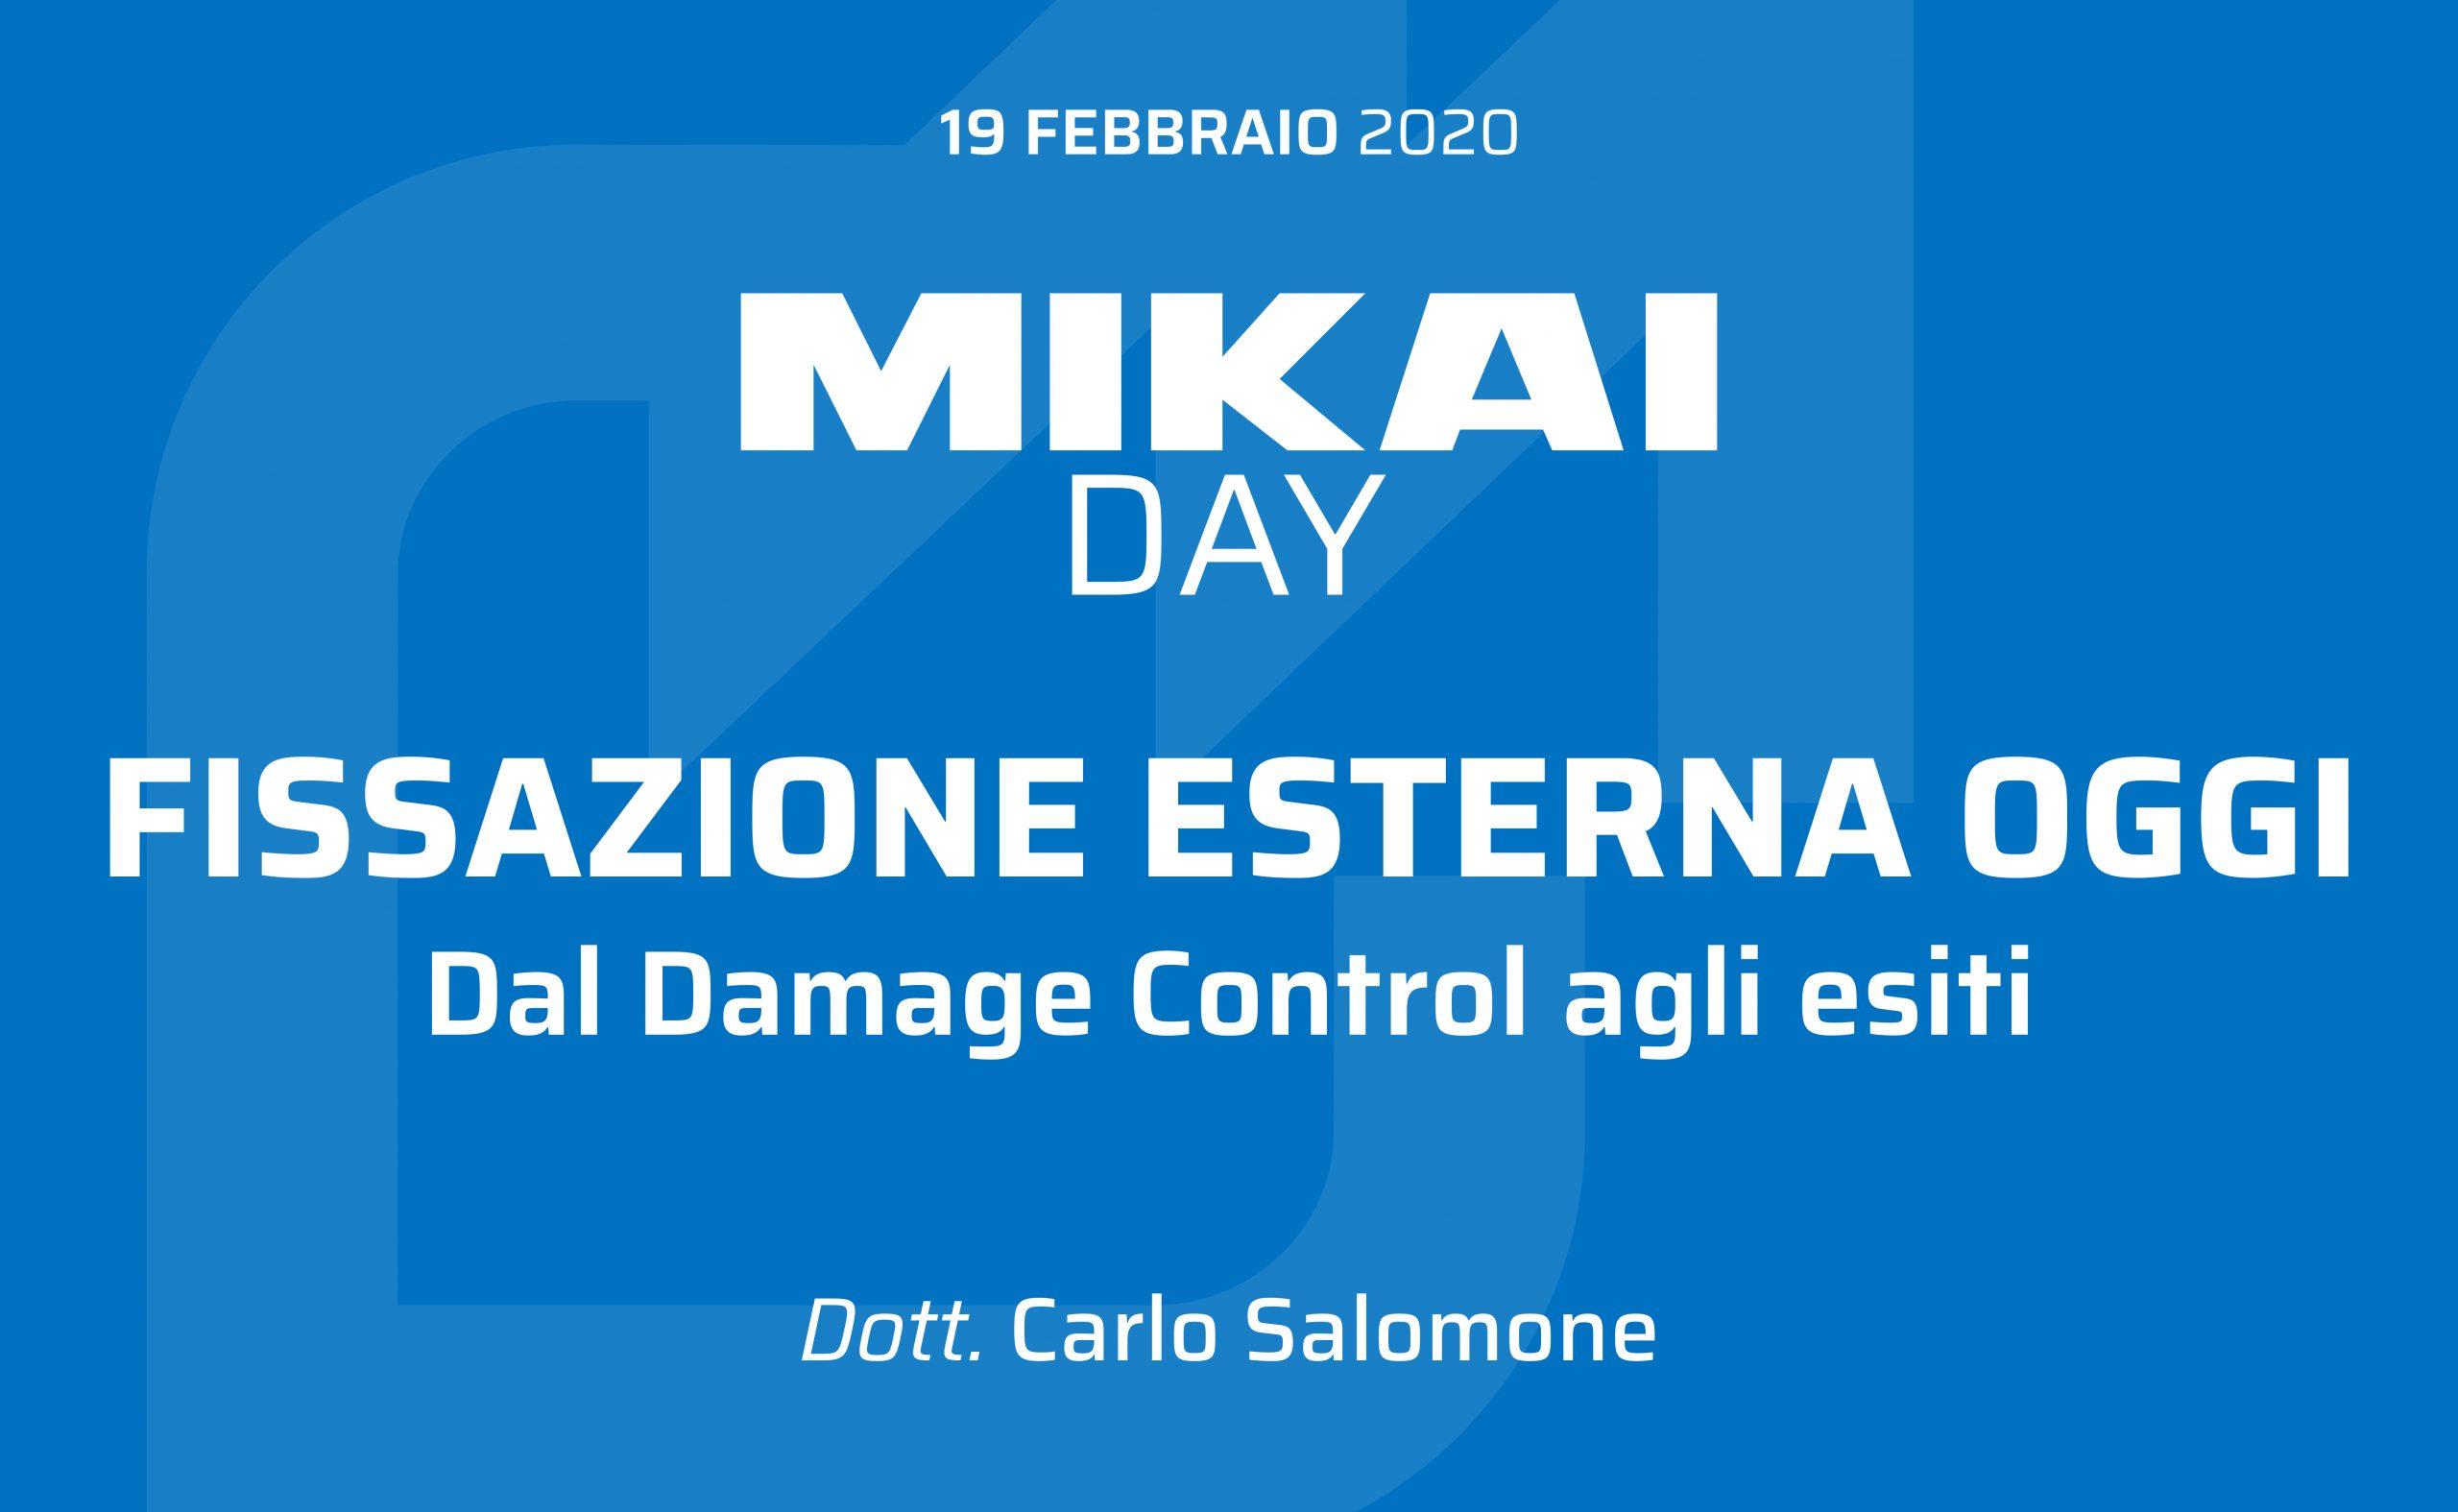 Mikai Day - Fissazione esterna